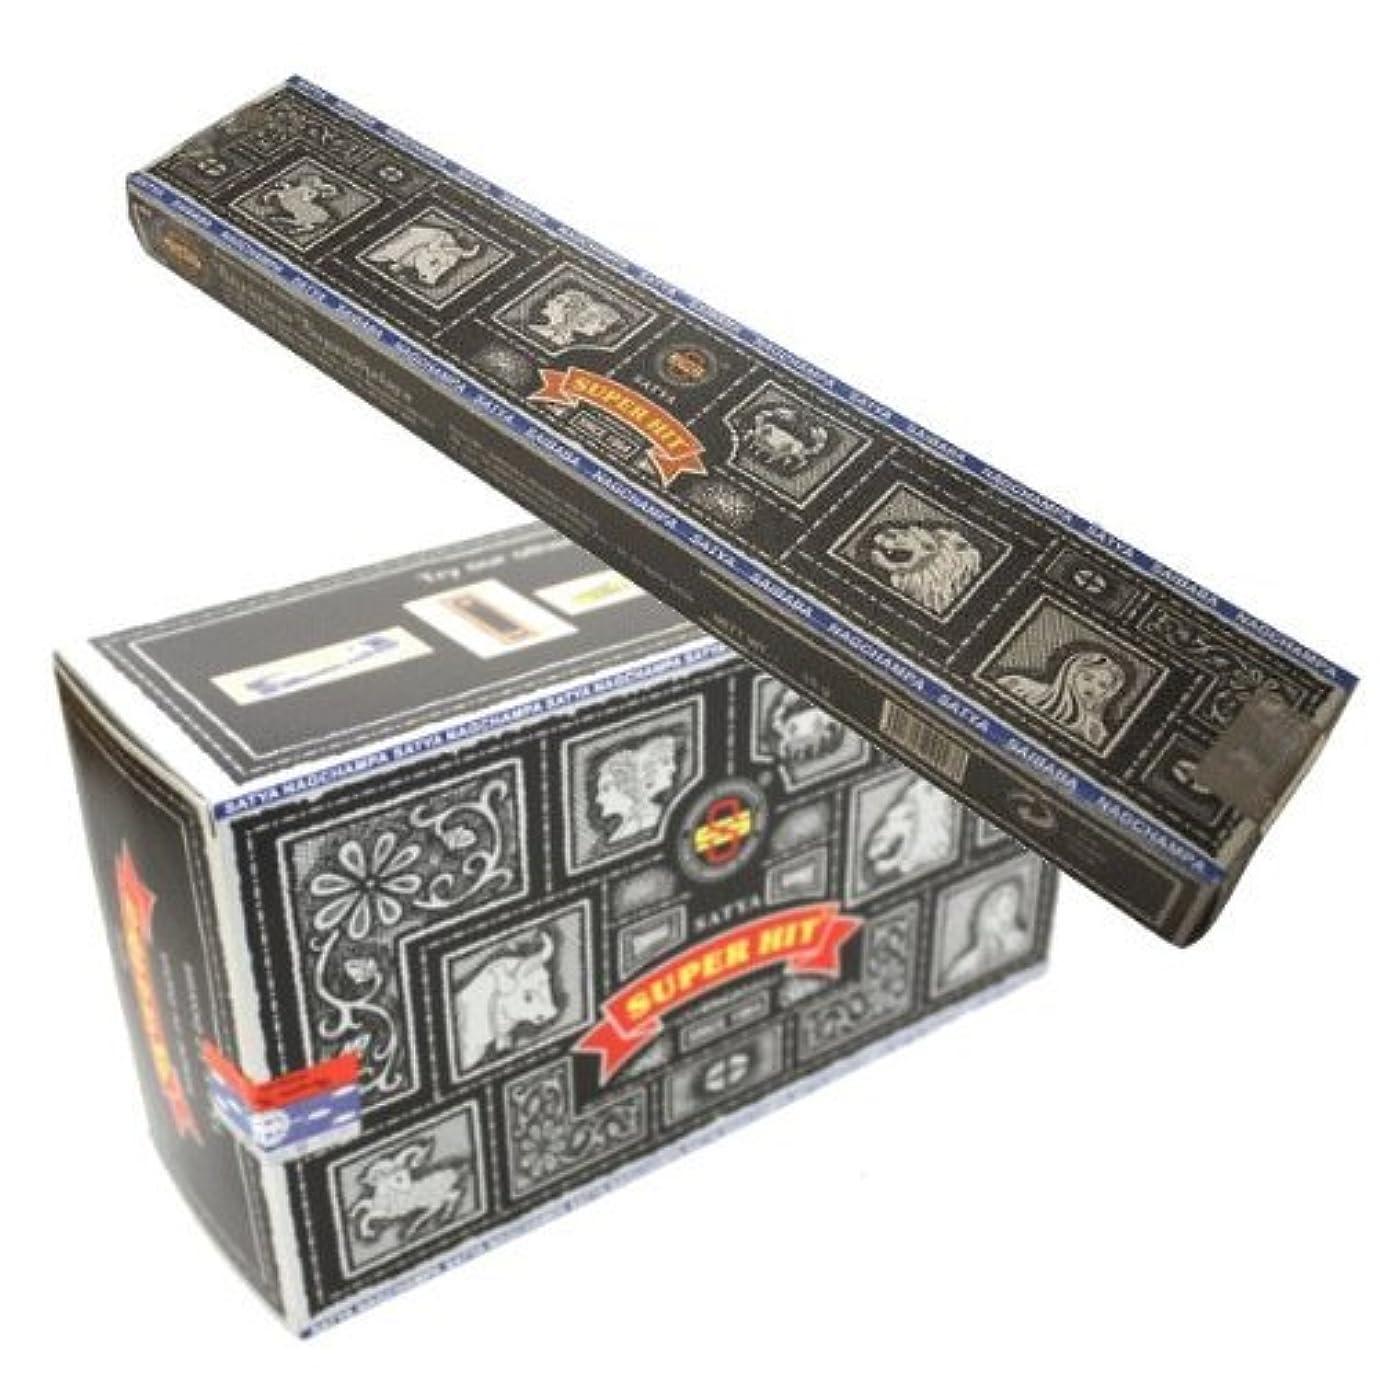 前投薬悪化させる黄ばむSATYA スーパーヒット香 スティック 12箱セット SATYA SUPER HIT